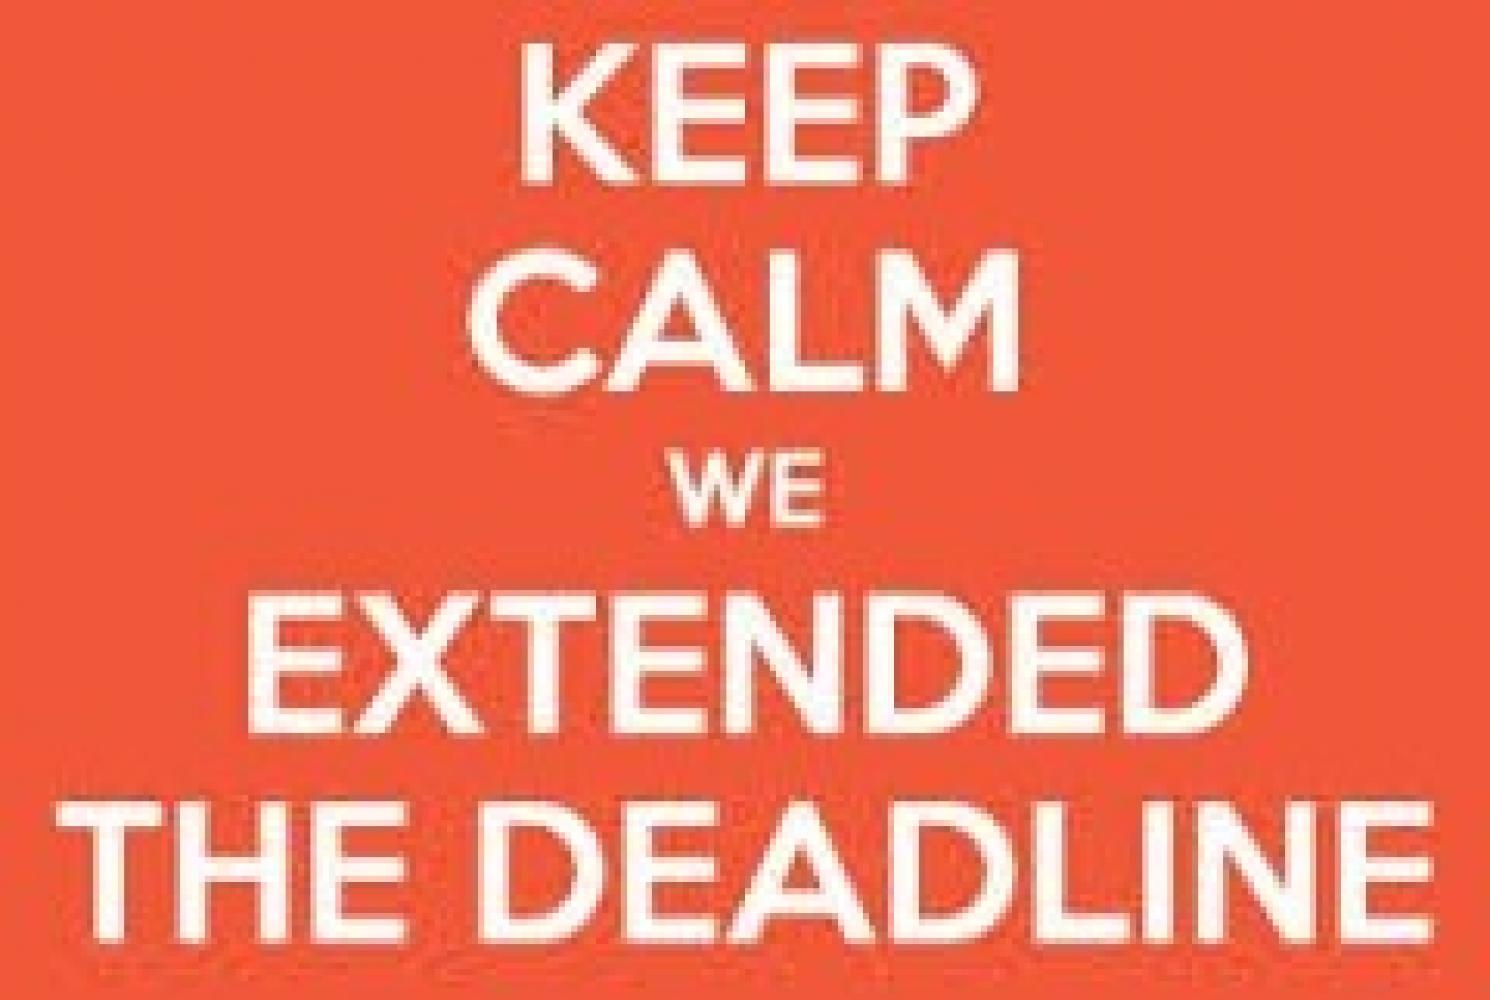 Application deadline extended to June 21st